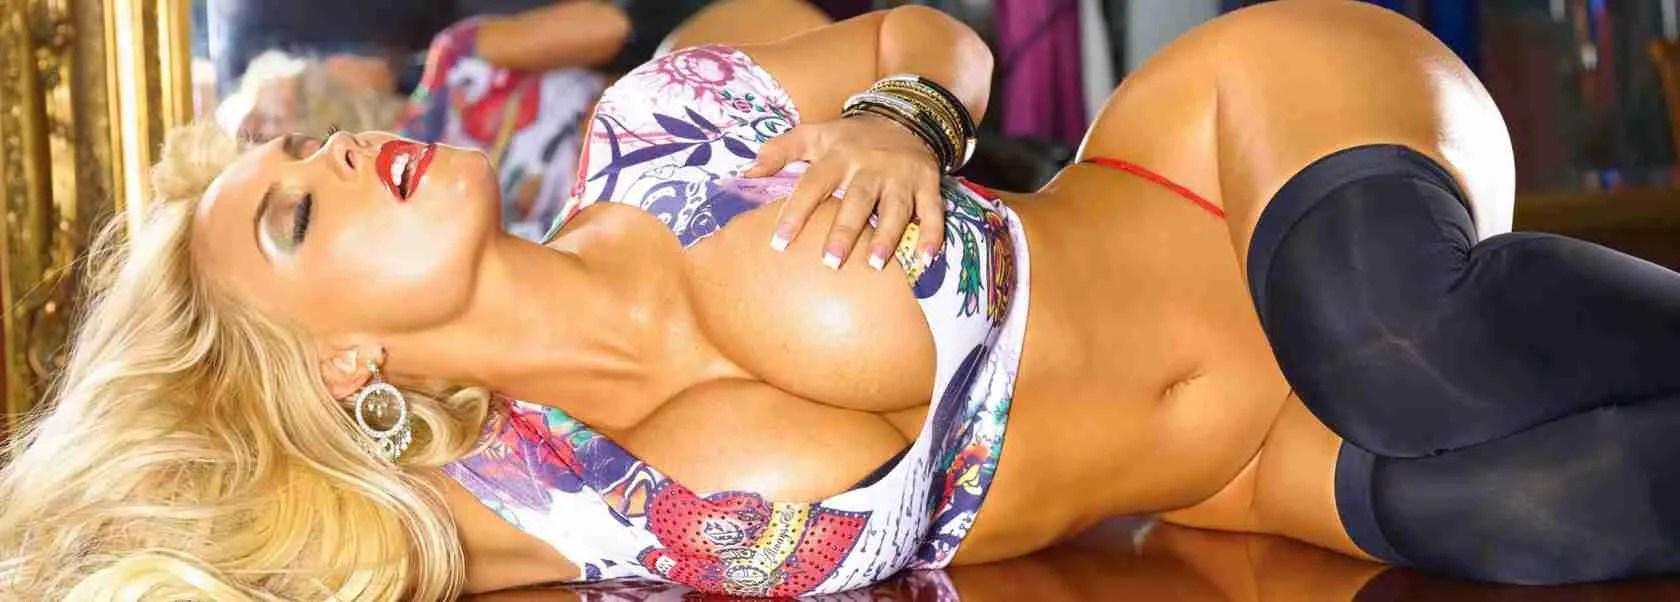 Le bellissime escort Prato seducono con la sensualità e l'erotismo. Magica Escort